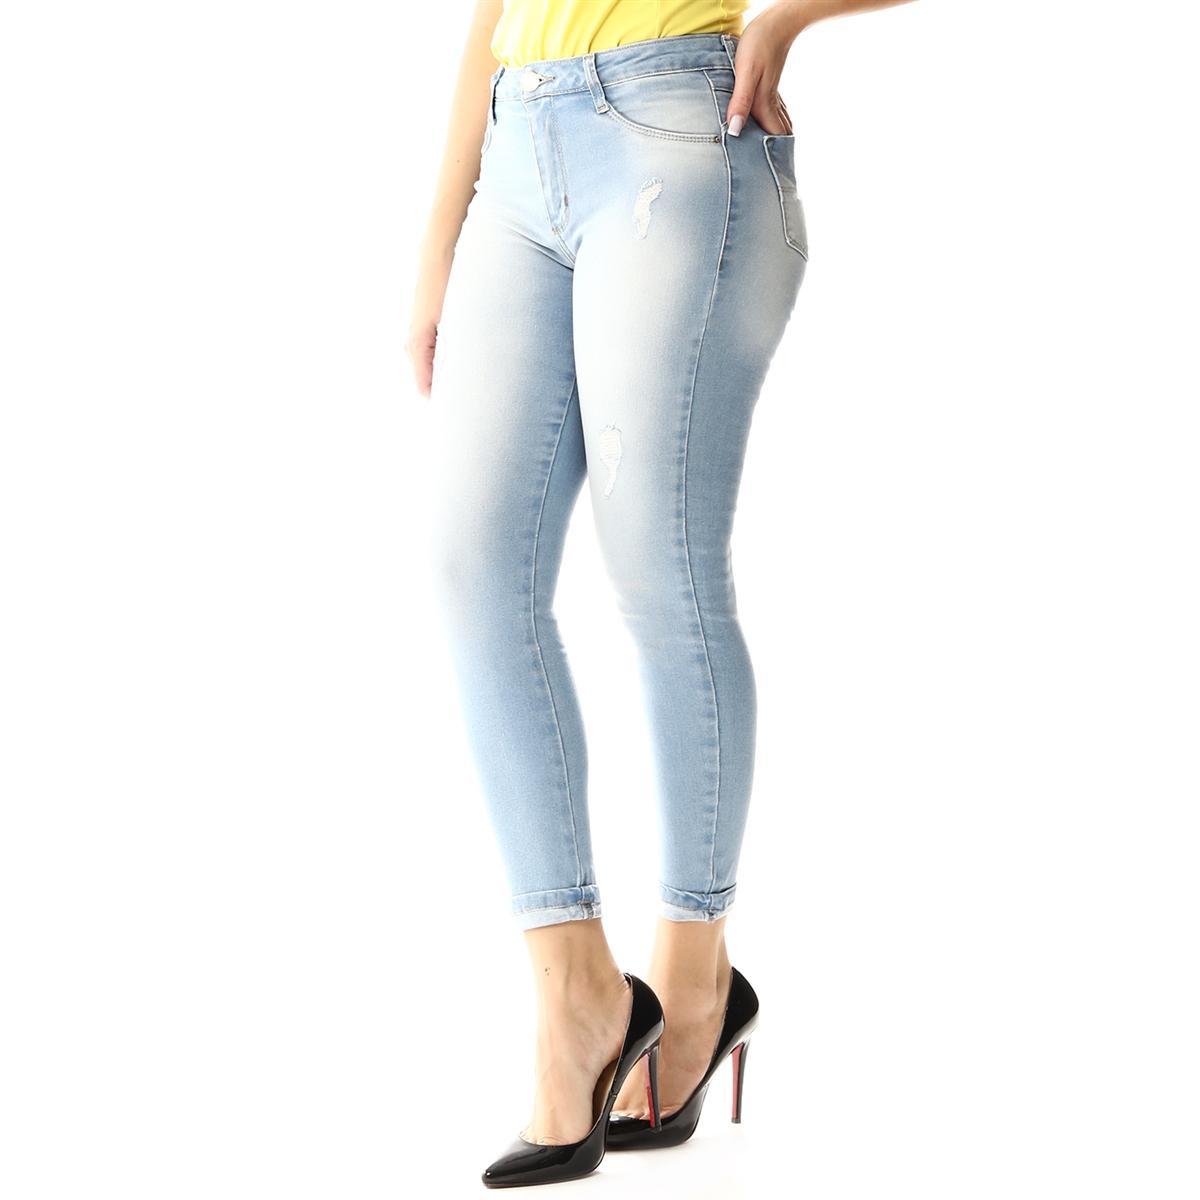 9e7a97191 Calça Jeans Feminina Cropped Barra Dobrada - Sawary R$ 89,90 à vista.  Adicionar à sacola